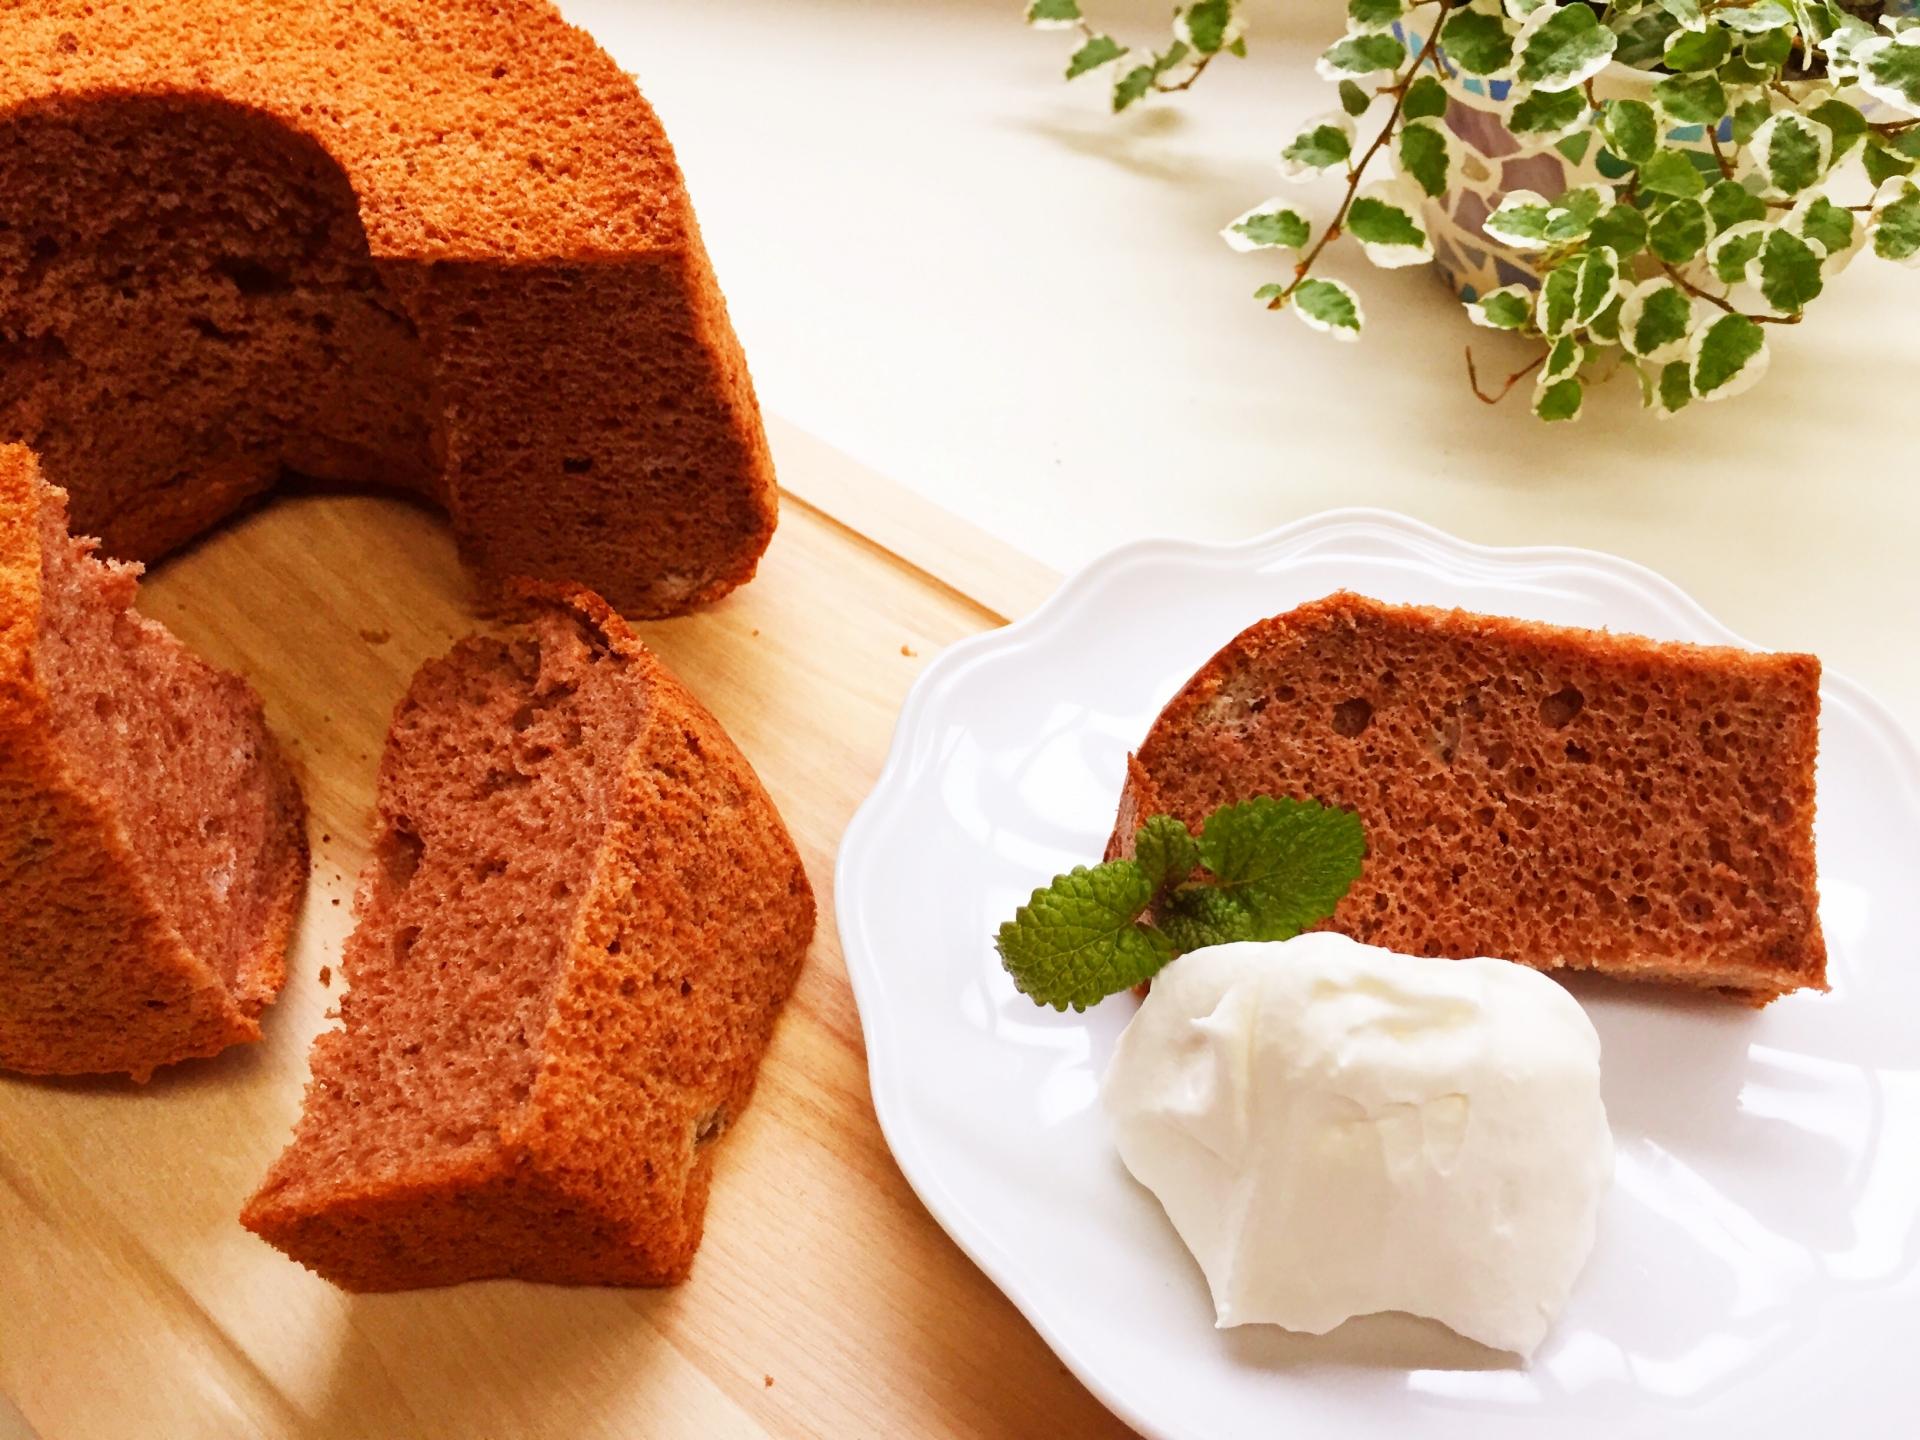 ふわふわ食感が最高に幸せ!都内で絶品シフォンケーキが食べられるカフェ【MERCER bis Ebisu/モリスケ】